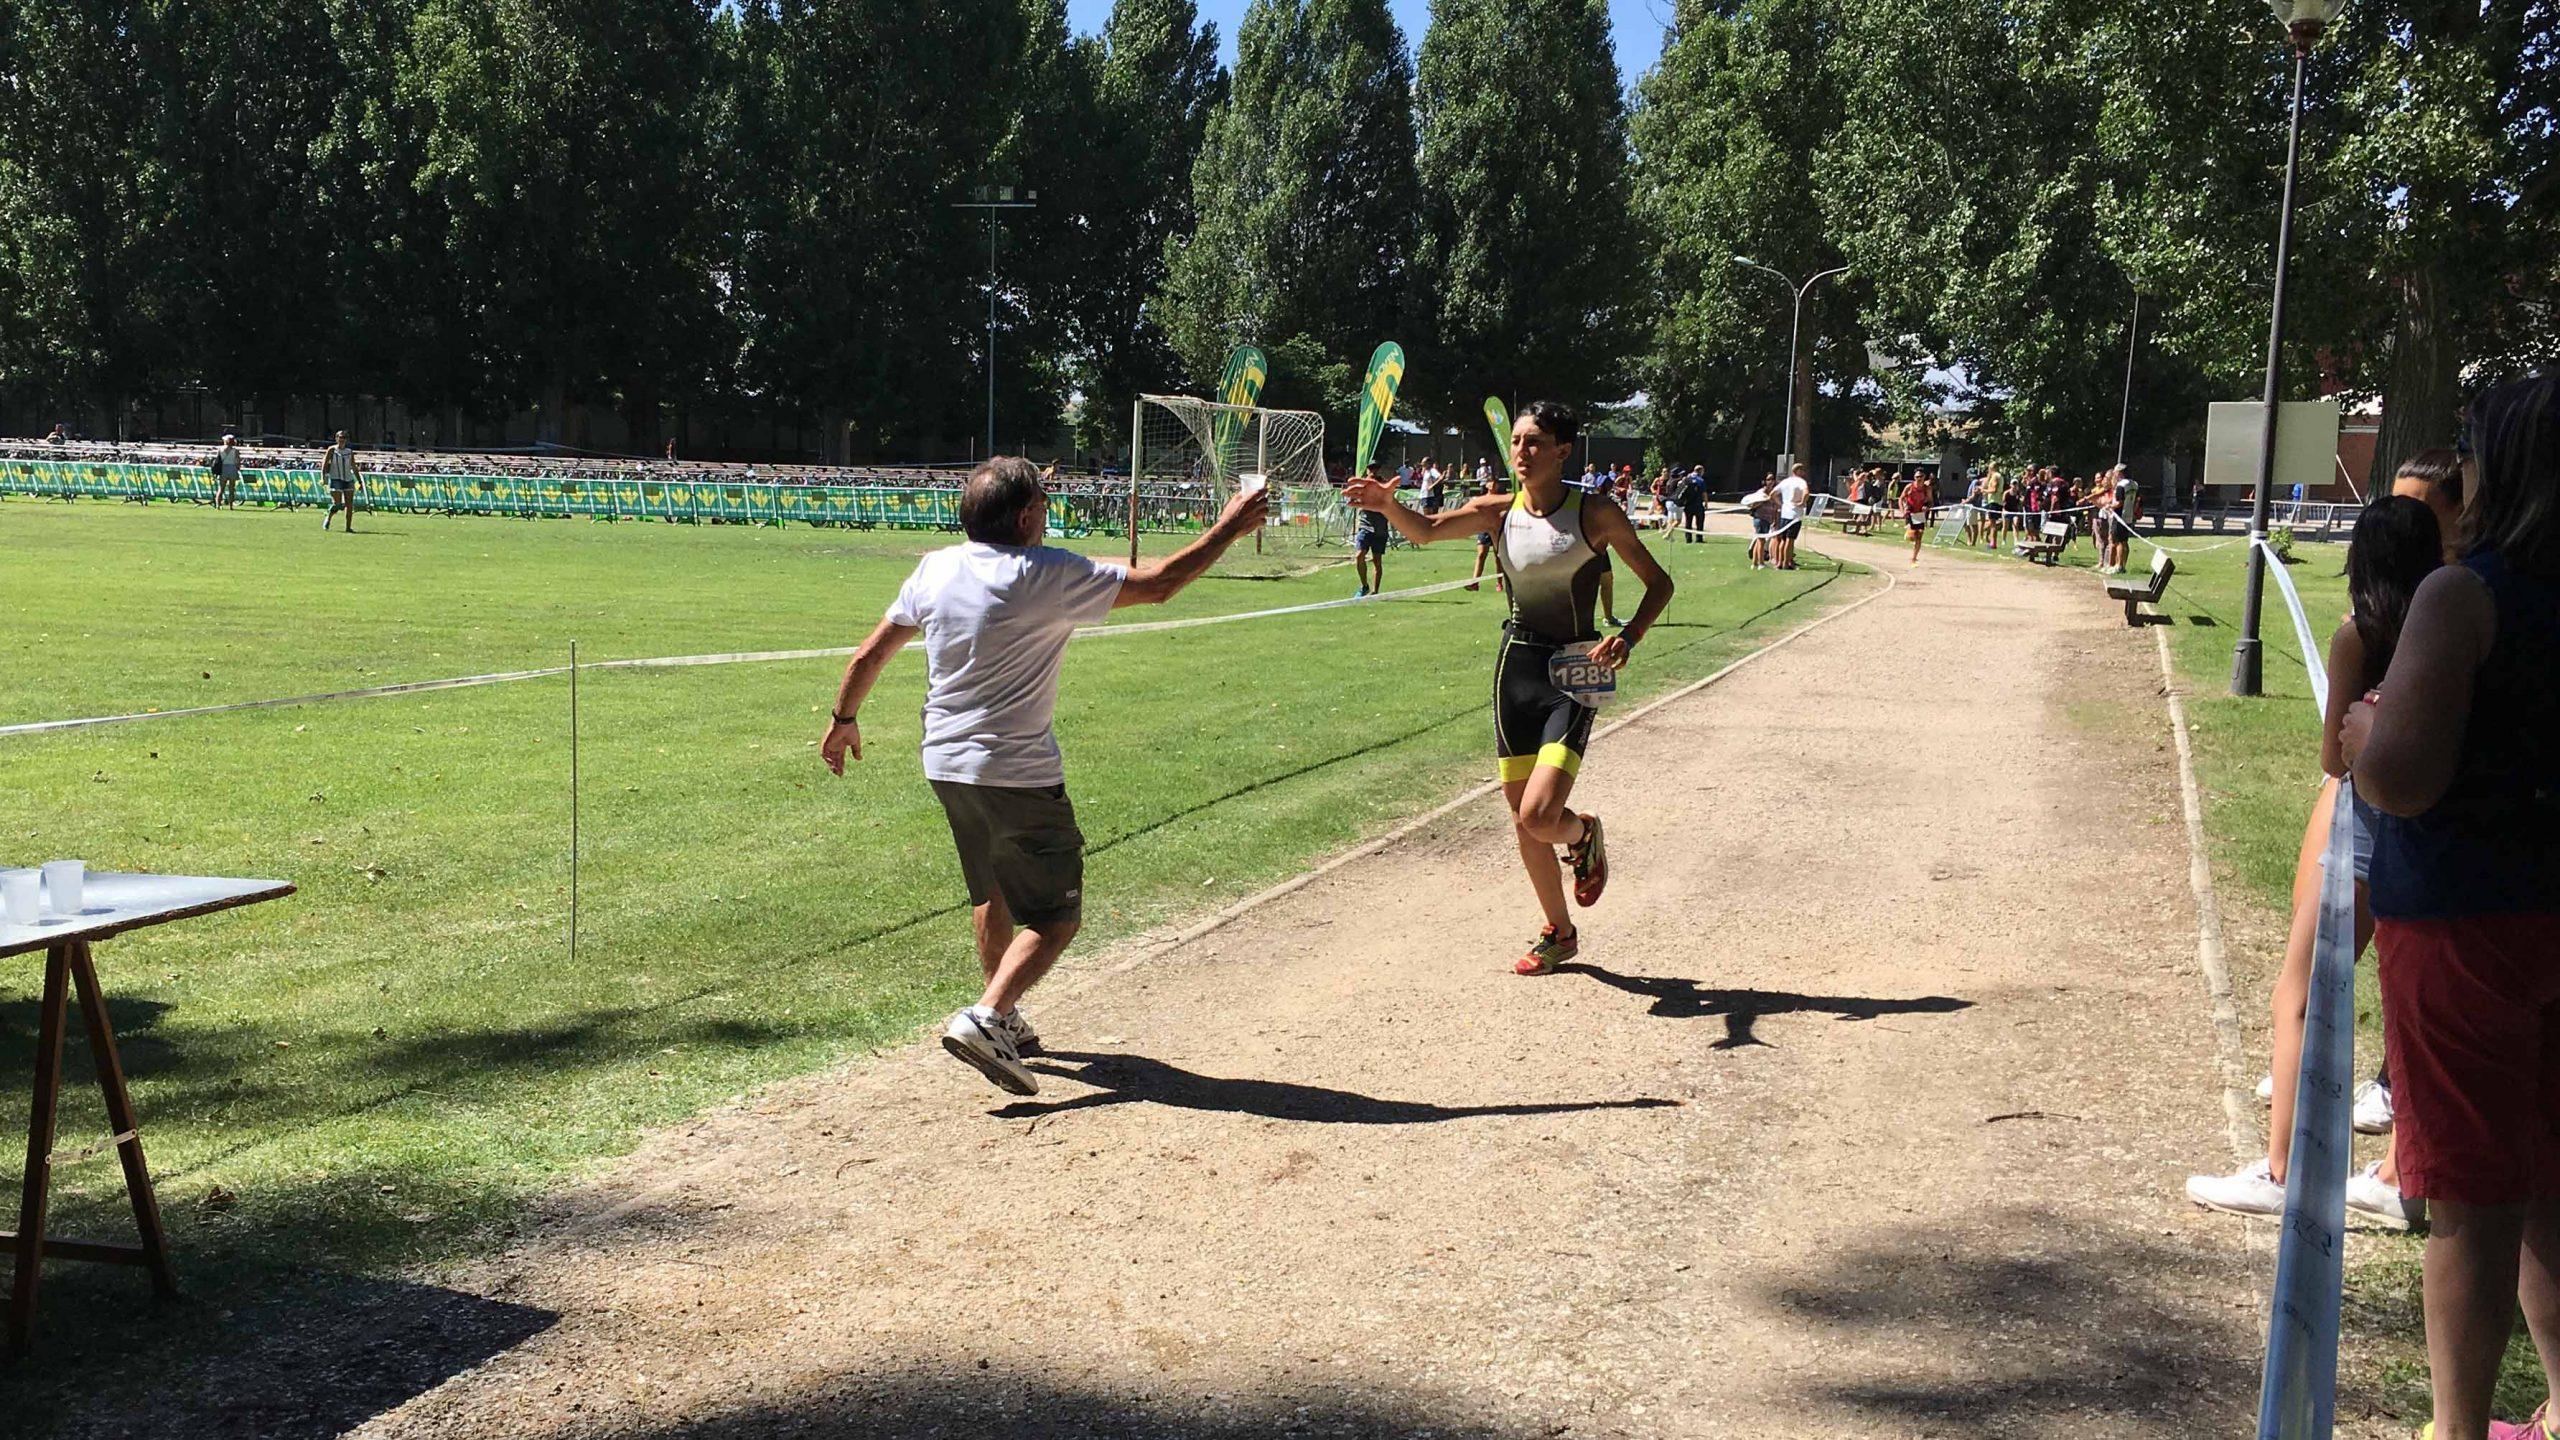 Almazán se prepara ante un intenso fin de semana con Campeonato de España por Autonomías en Edad Escolar, clasificatorio nacional y campeonato regional de Triatlón